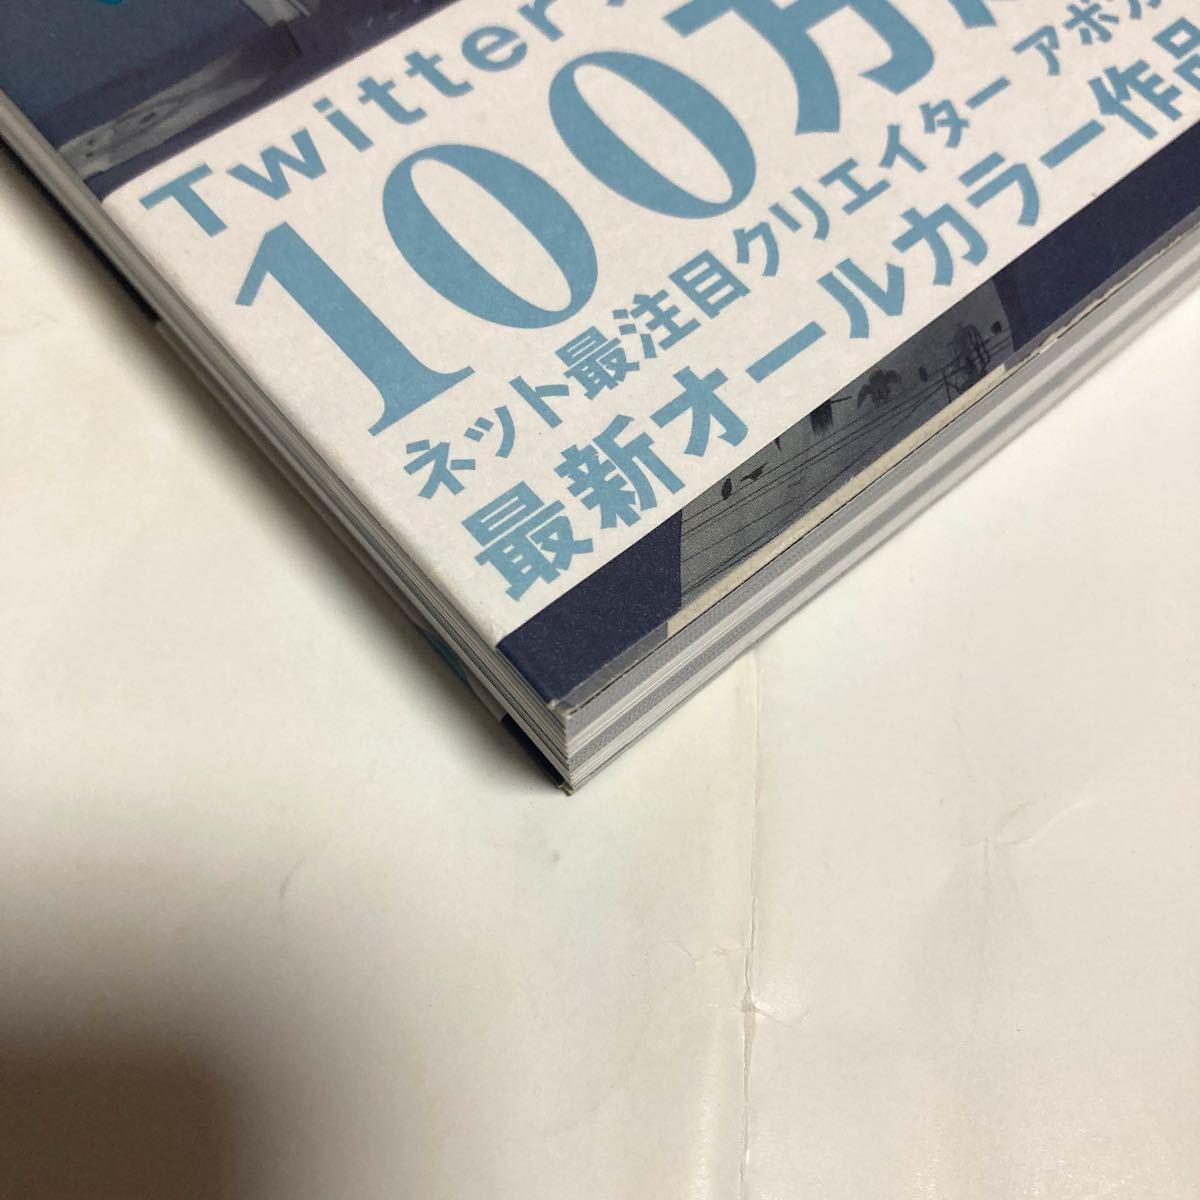 【初版 帯付き】 アボガド6 剥製 KADOKAWA